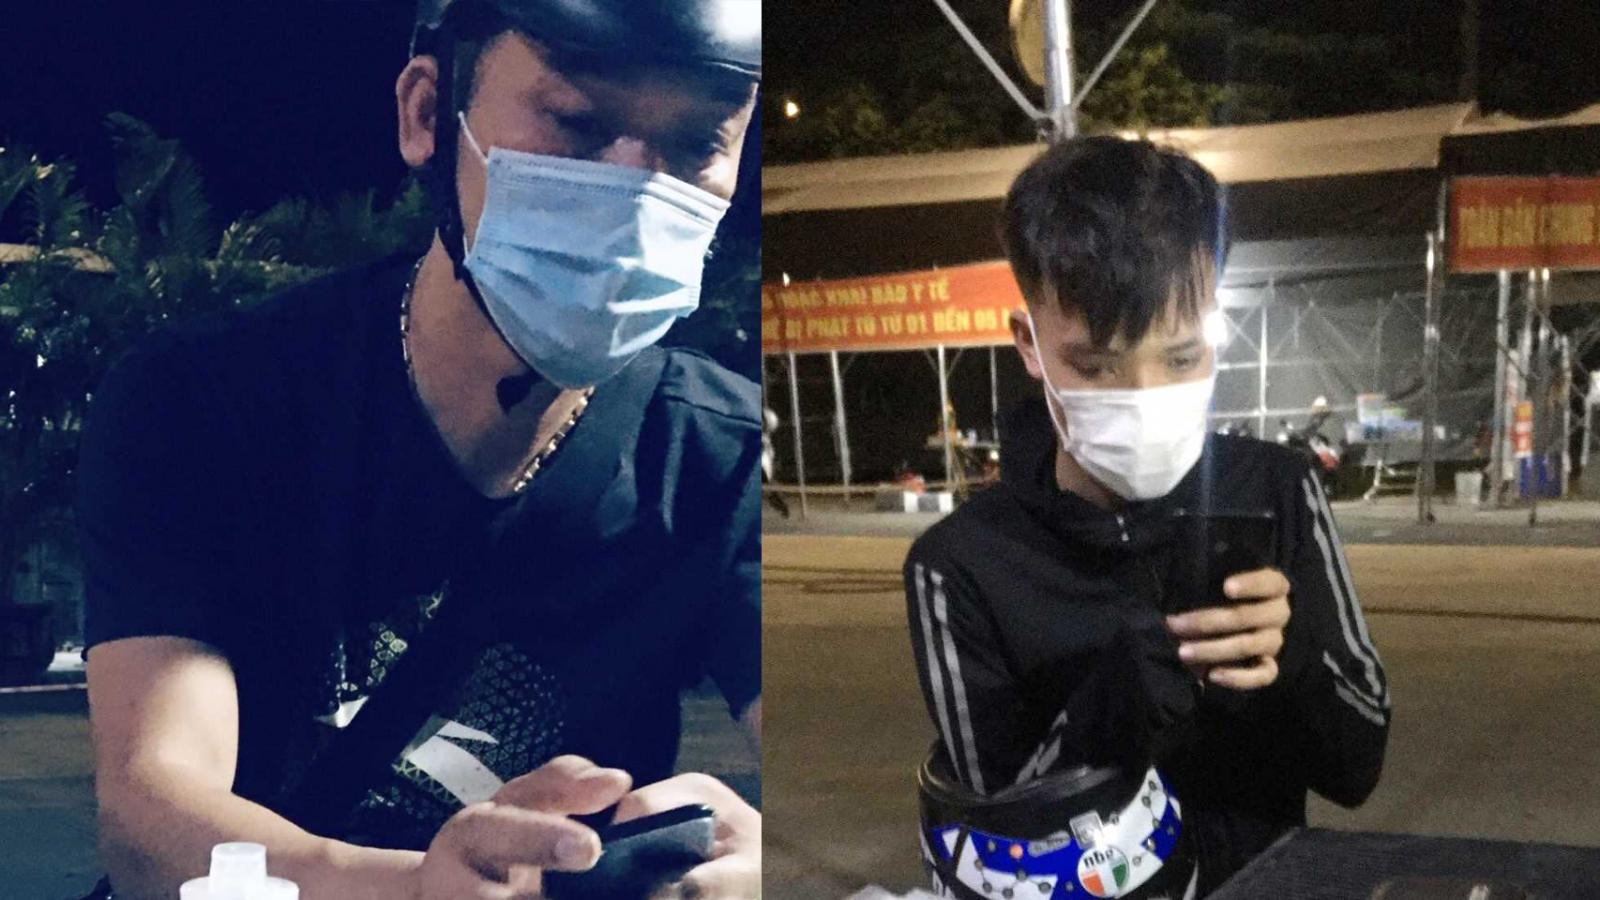 Quảng Ninh: Xử nghiêm đối tượng vượt chốt kiểm soát dịch, chống lực lượng chức năng